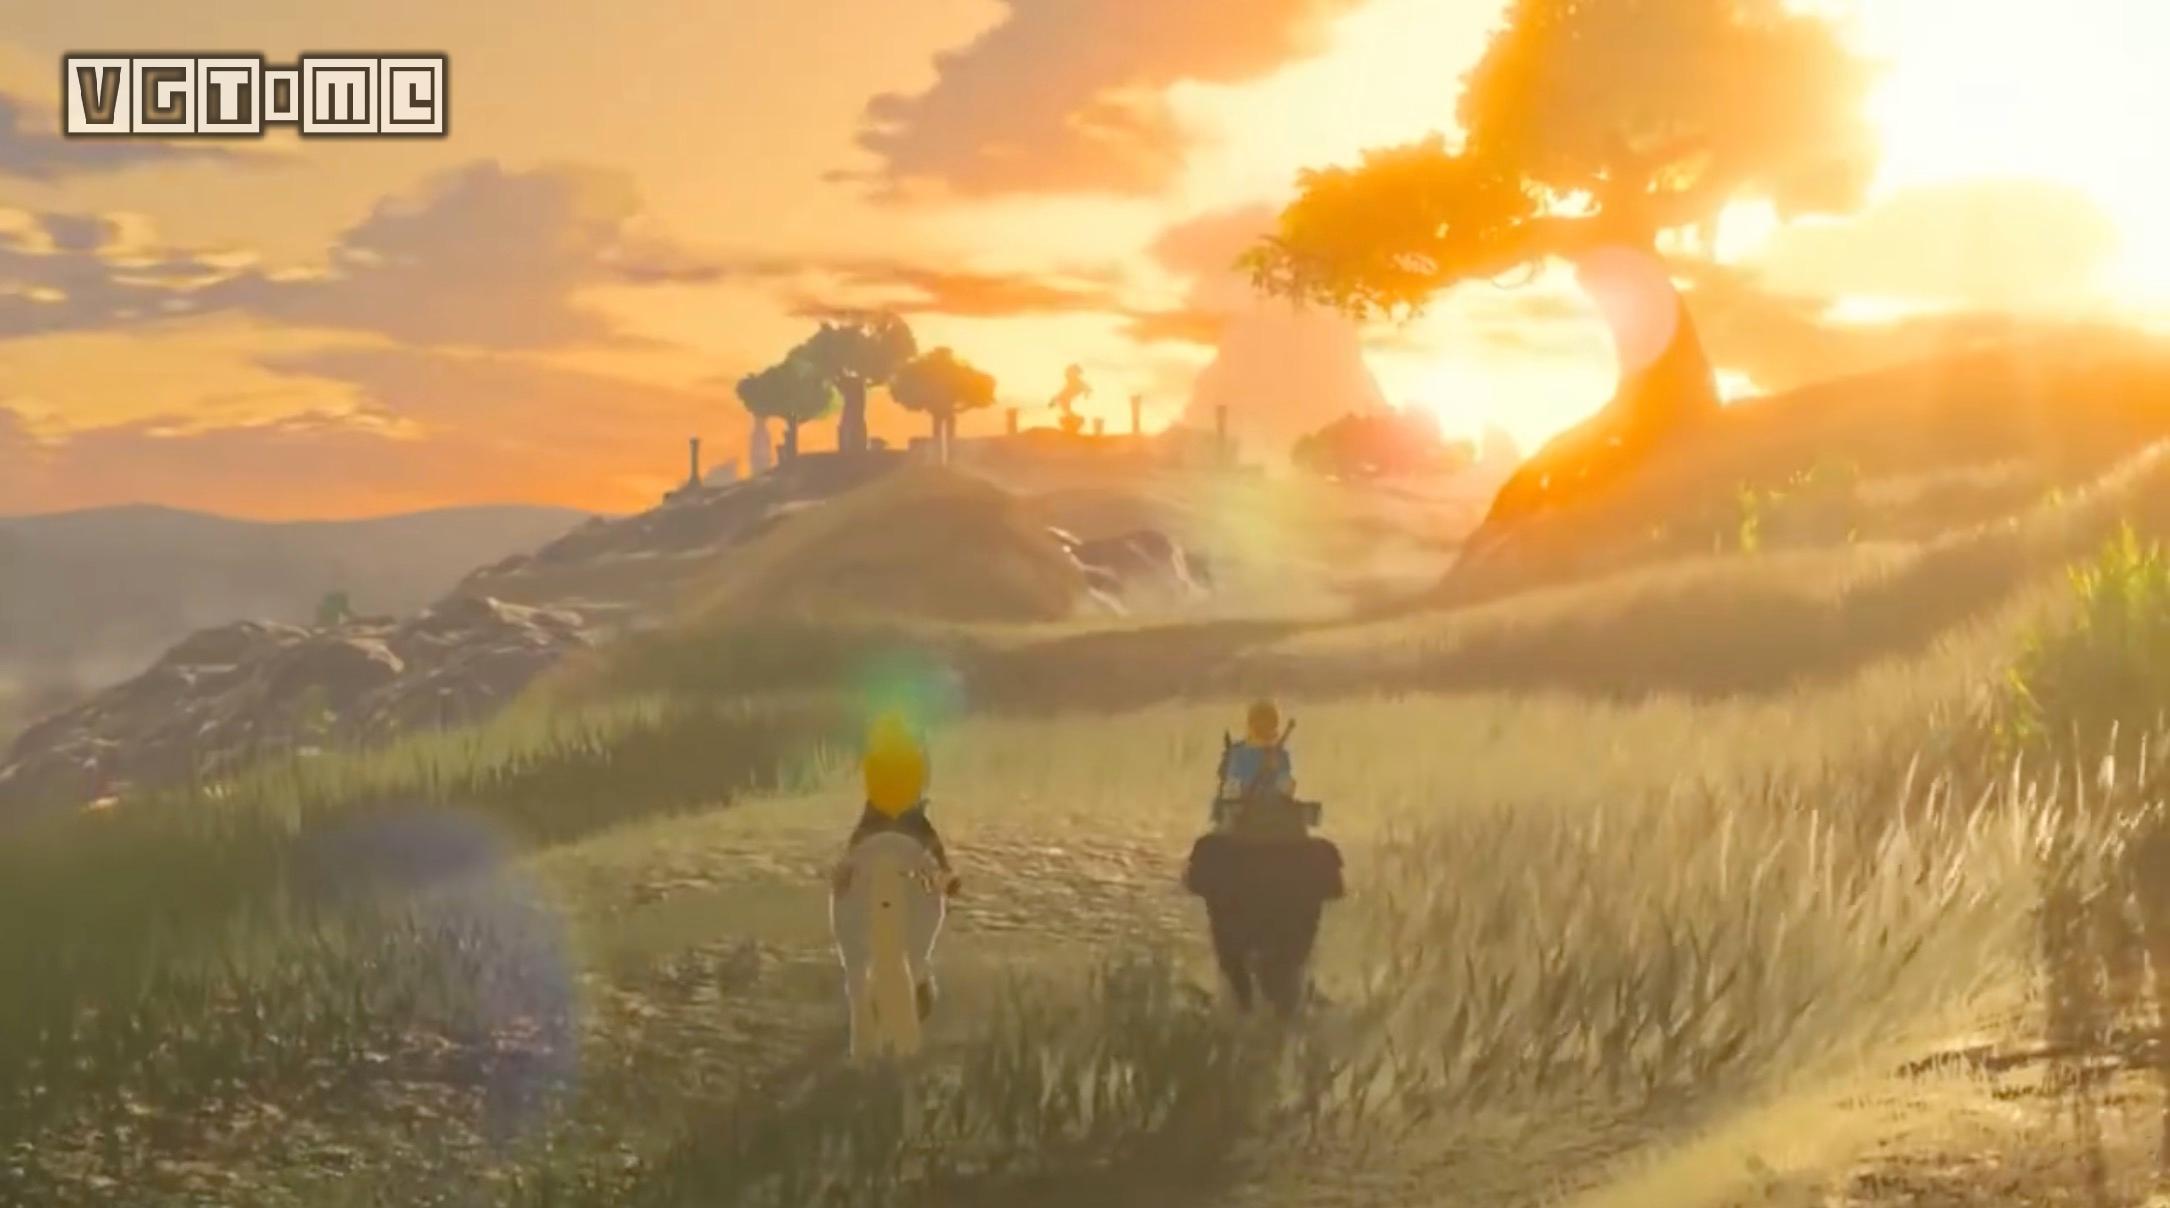 任天堂公布Switch新广告:探寻自己与世界的极限